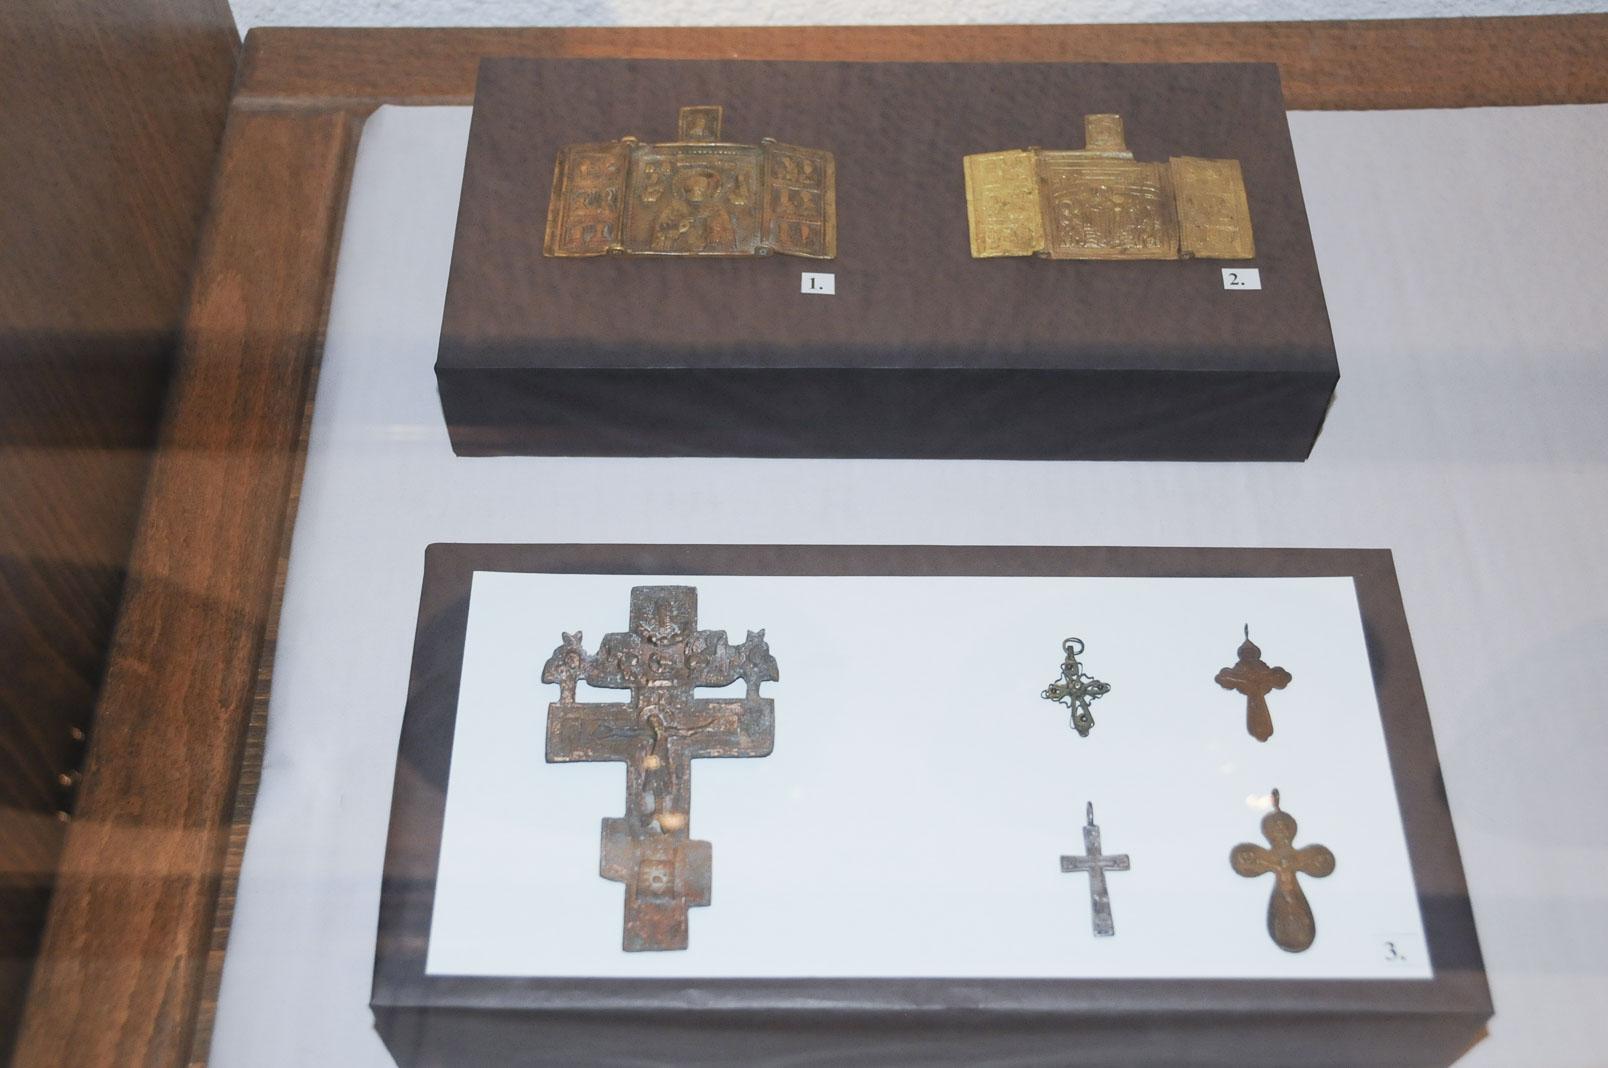 troyan-museum-osvobozhdenieto-3ti-mart-16